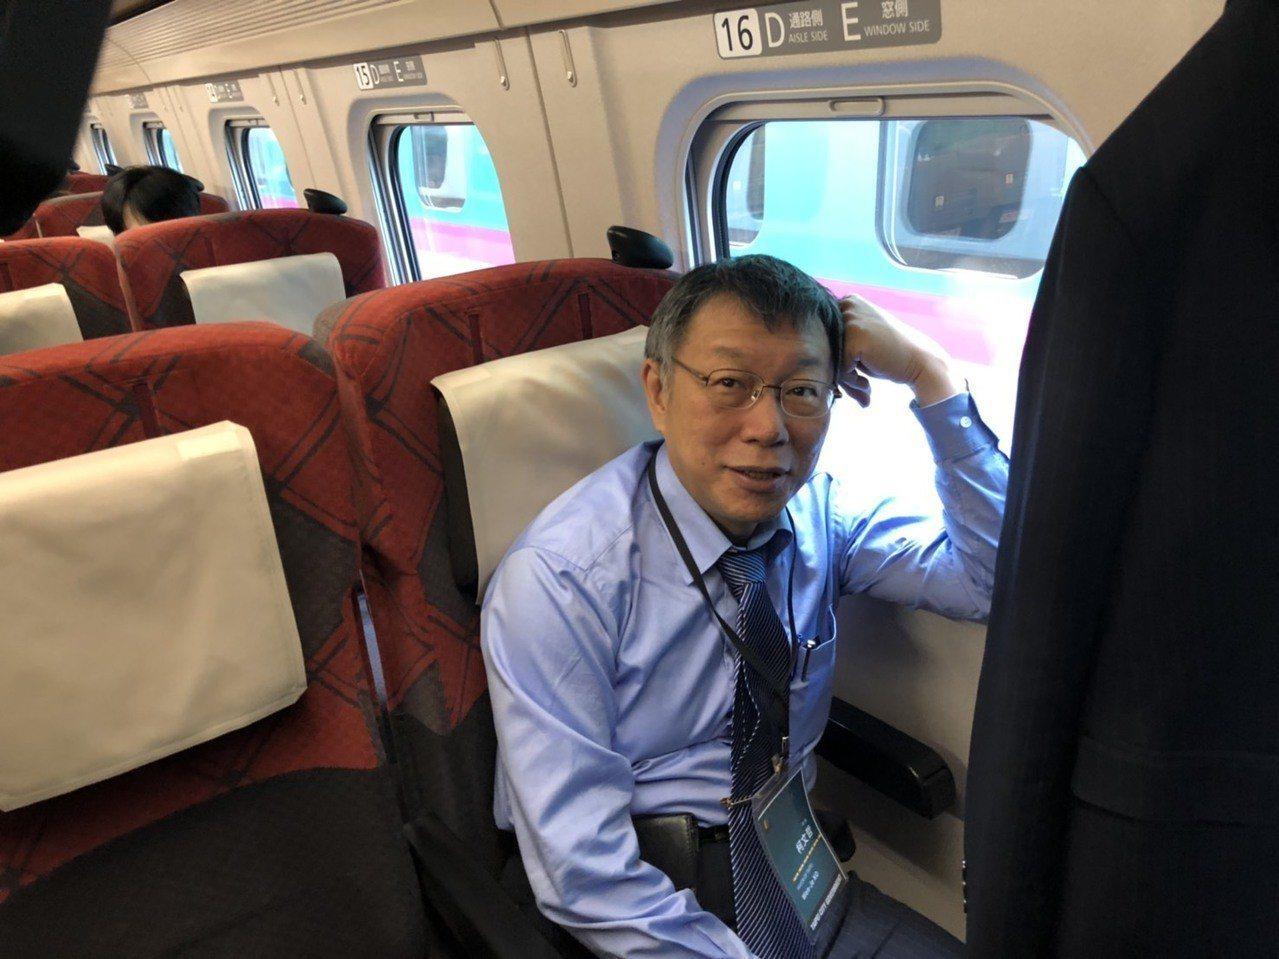 郭台銘今回嗆台北市長柯文哲除了選舉什麼都沒做,柯文哲笑說,自己哪有批評他,只有笑...